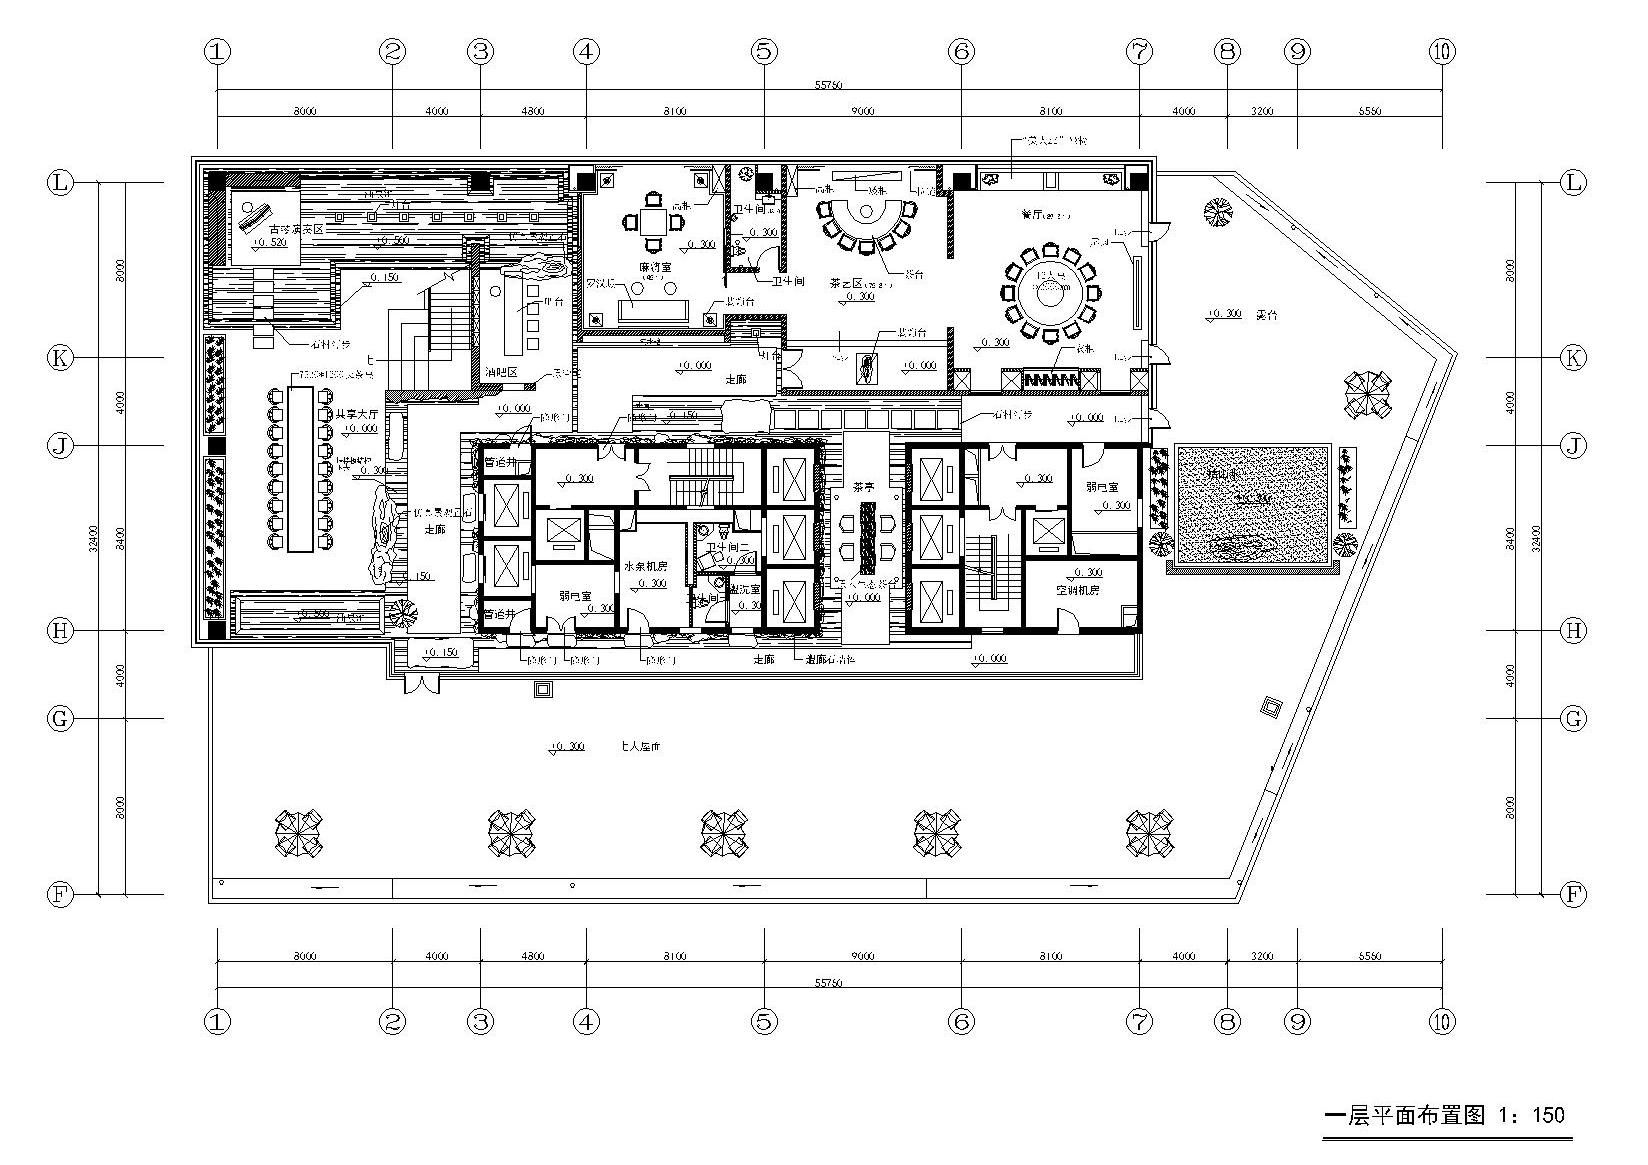 图纸深度:施工图 项目位置:内蒙古 设计风格:中式风格 图纸格式:jpg图片